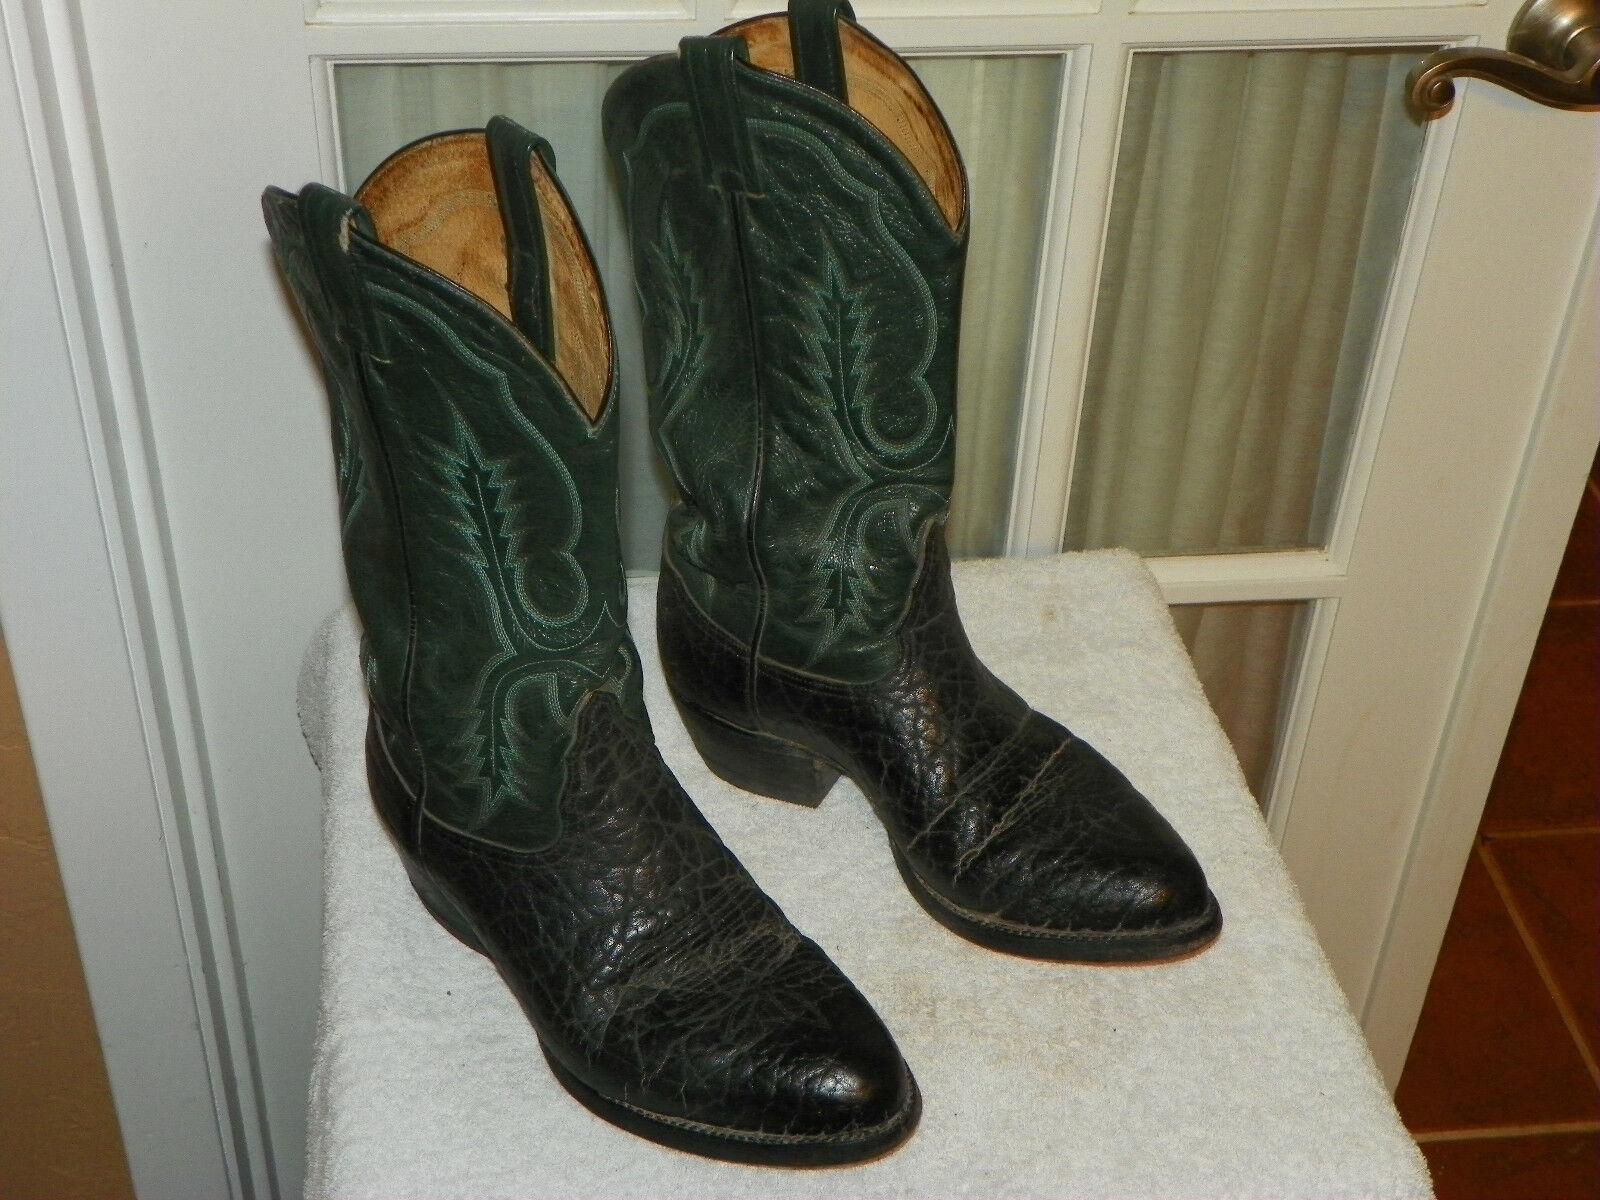 miglior prezzo Tony Lama nero Bullhide Leather Two Tone Tone Tone Cowboy stivali Uomo 8.5 D Style 6640  Spedizione gratuita per tutti gli ordini